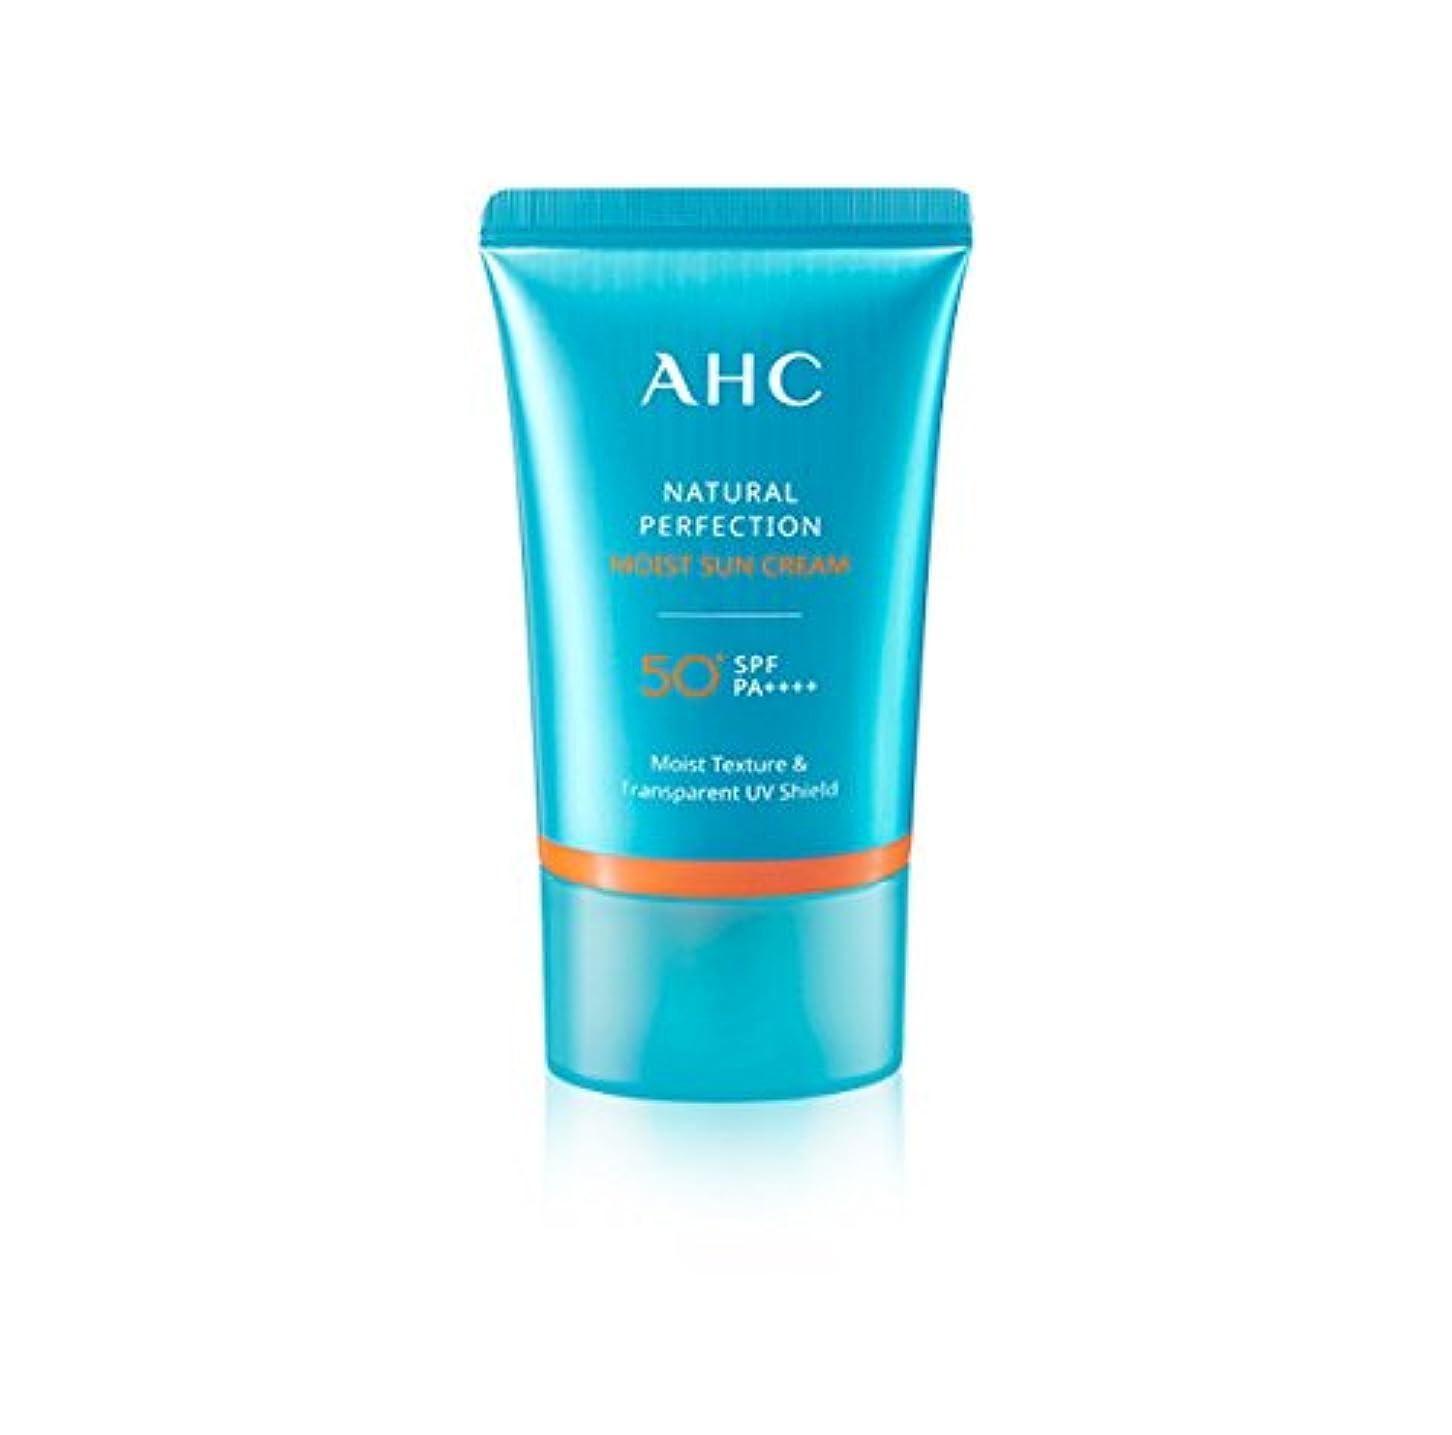 フォルダ代数的伝記AHC Natural Perfection Moist Sun Cream 50ml/AHC ナチュラル パーフェクション モイスト サン クリーム 50ml [並行輸入品]